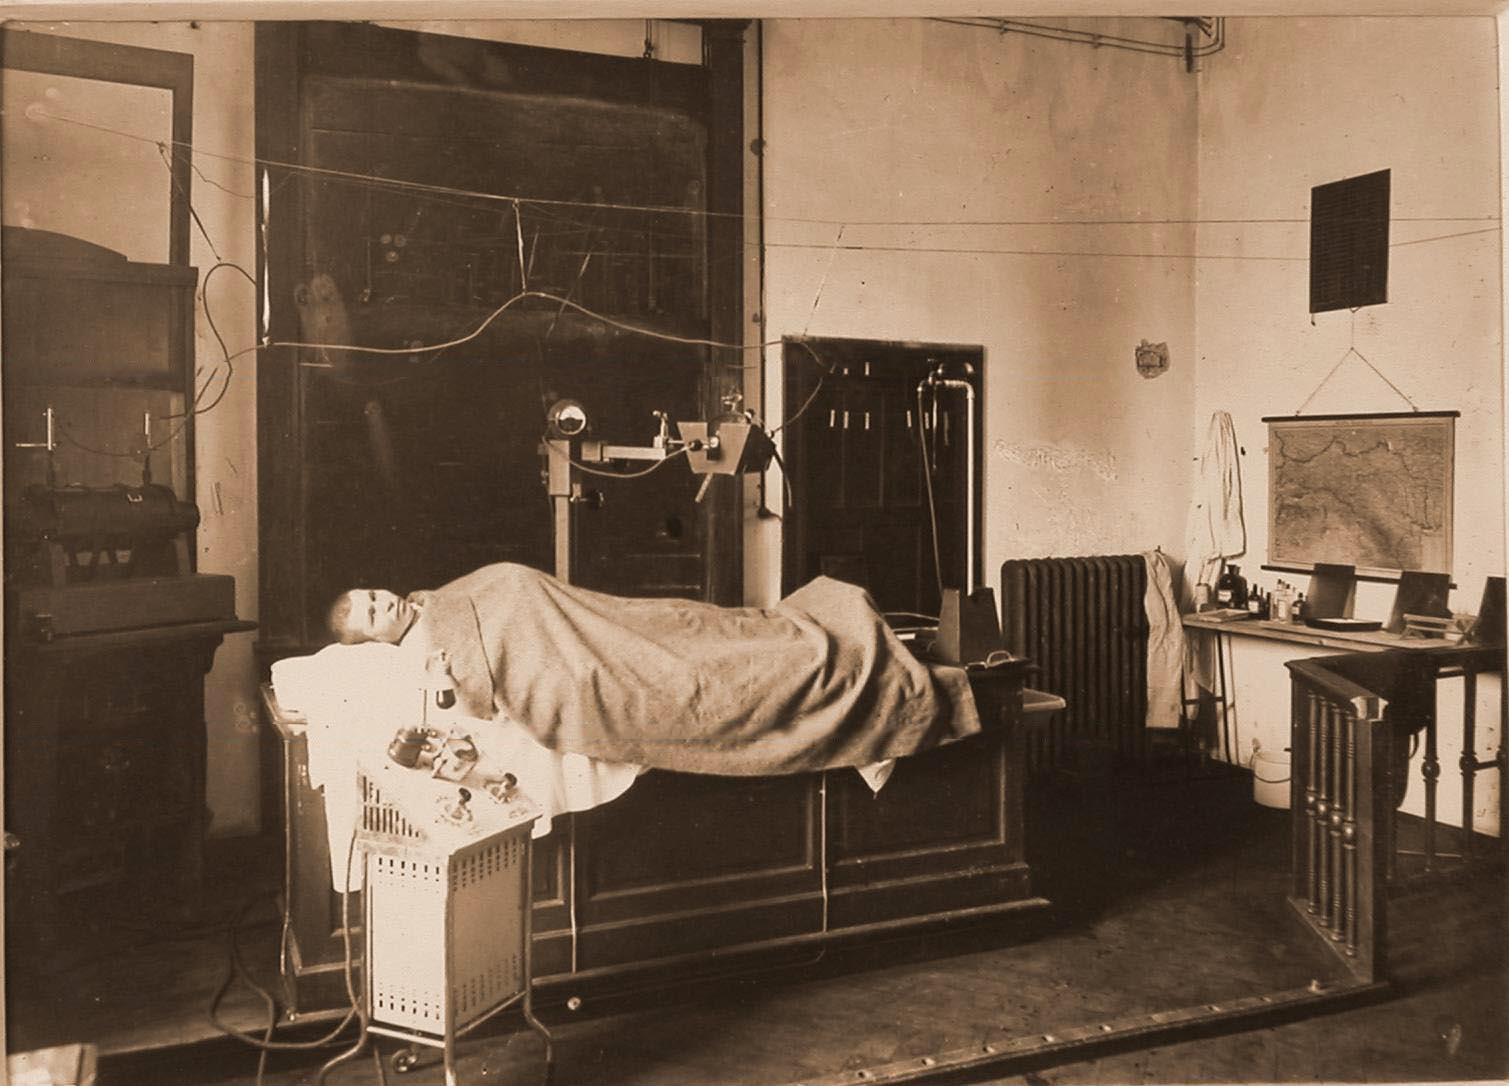 07. Больной в рентгеновском кабинете перед процедурой